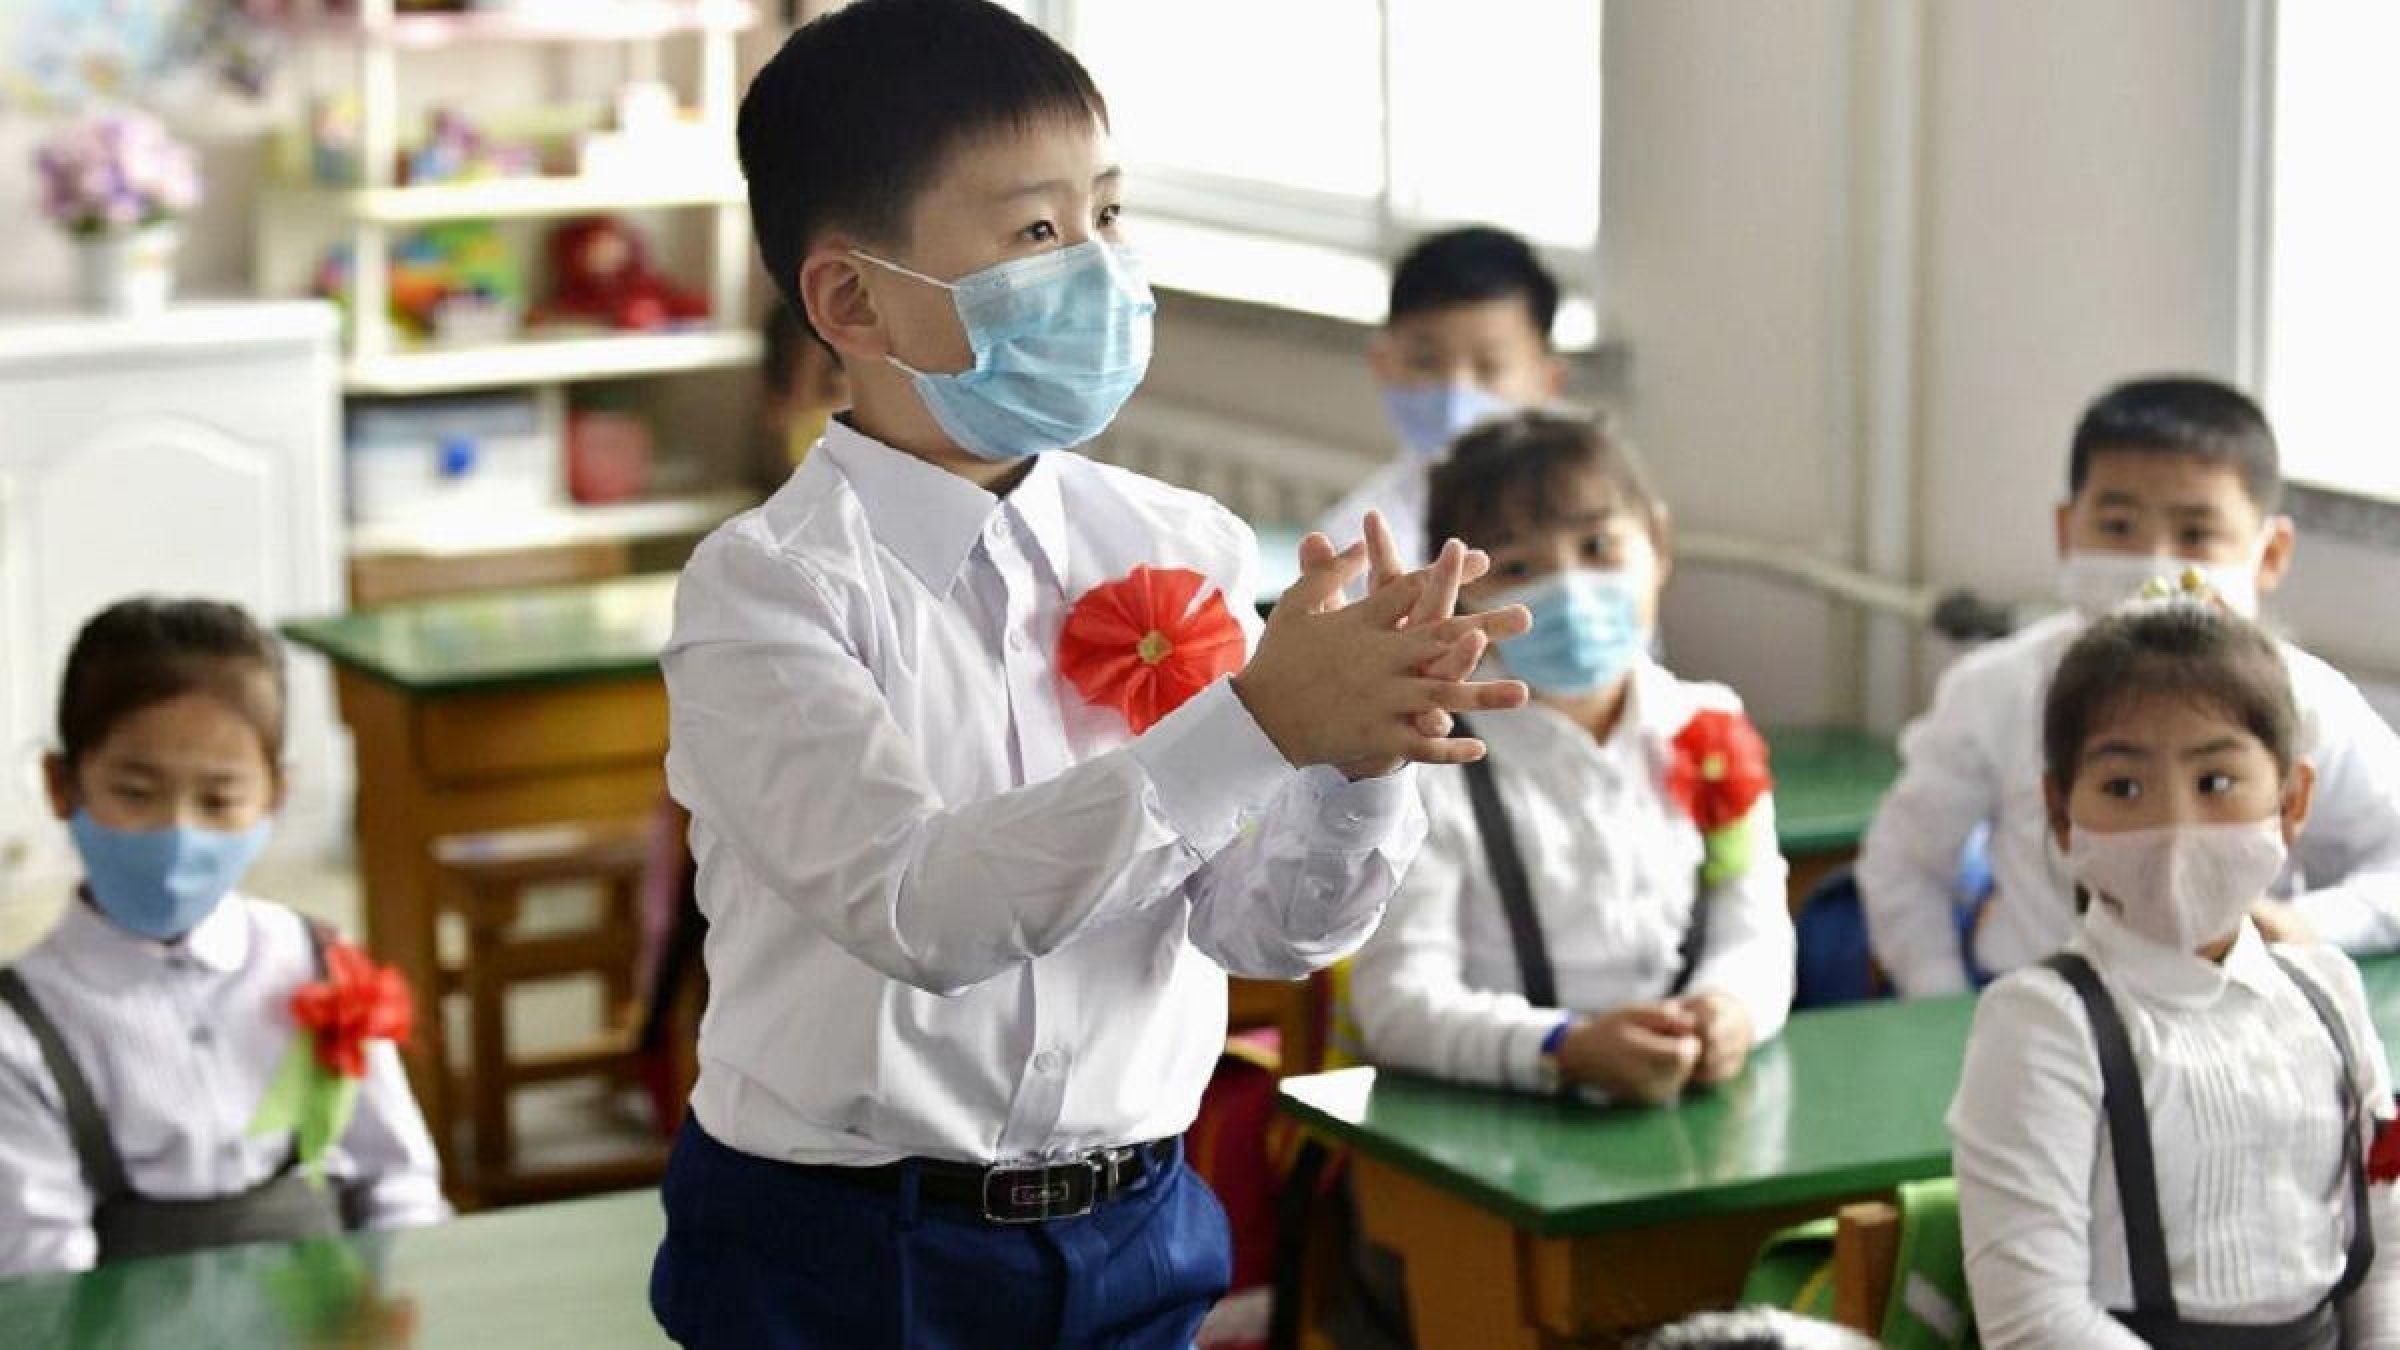 Школьные каникулы в Казахстане в 2020-2021 годах: объявлен график